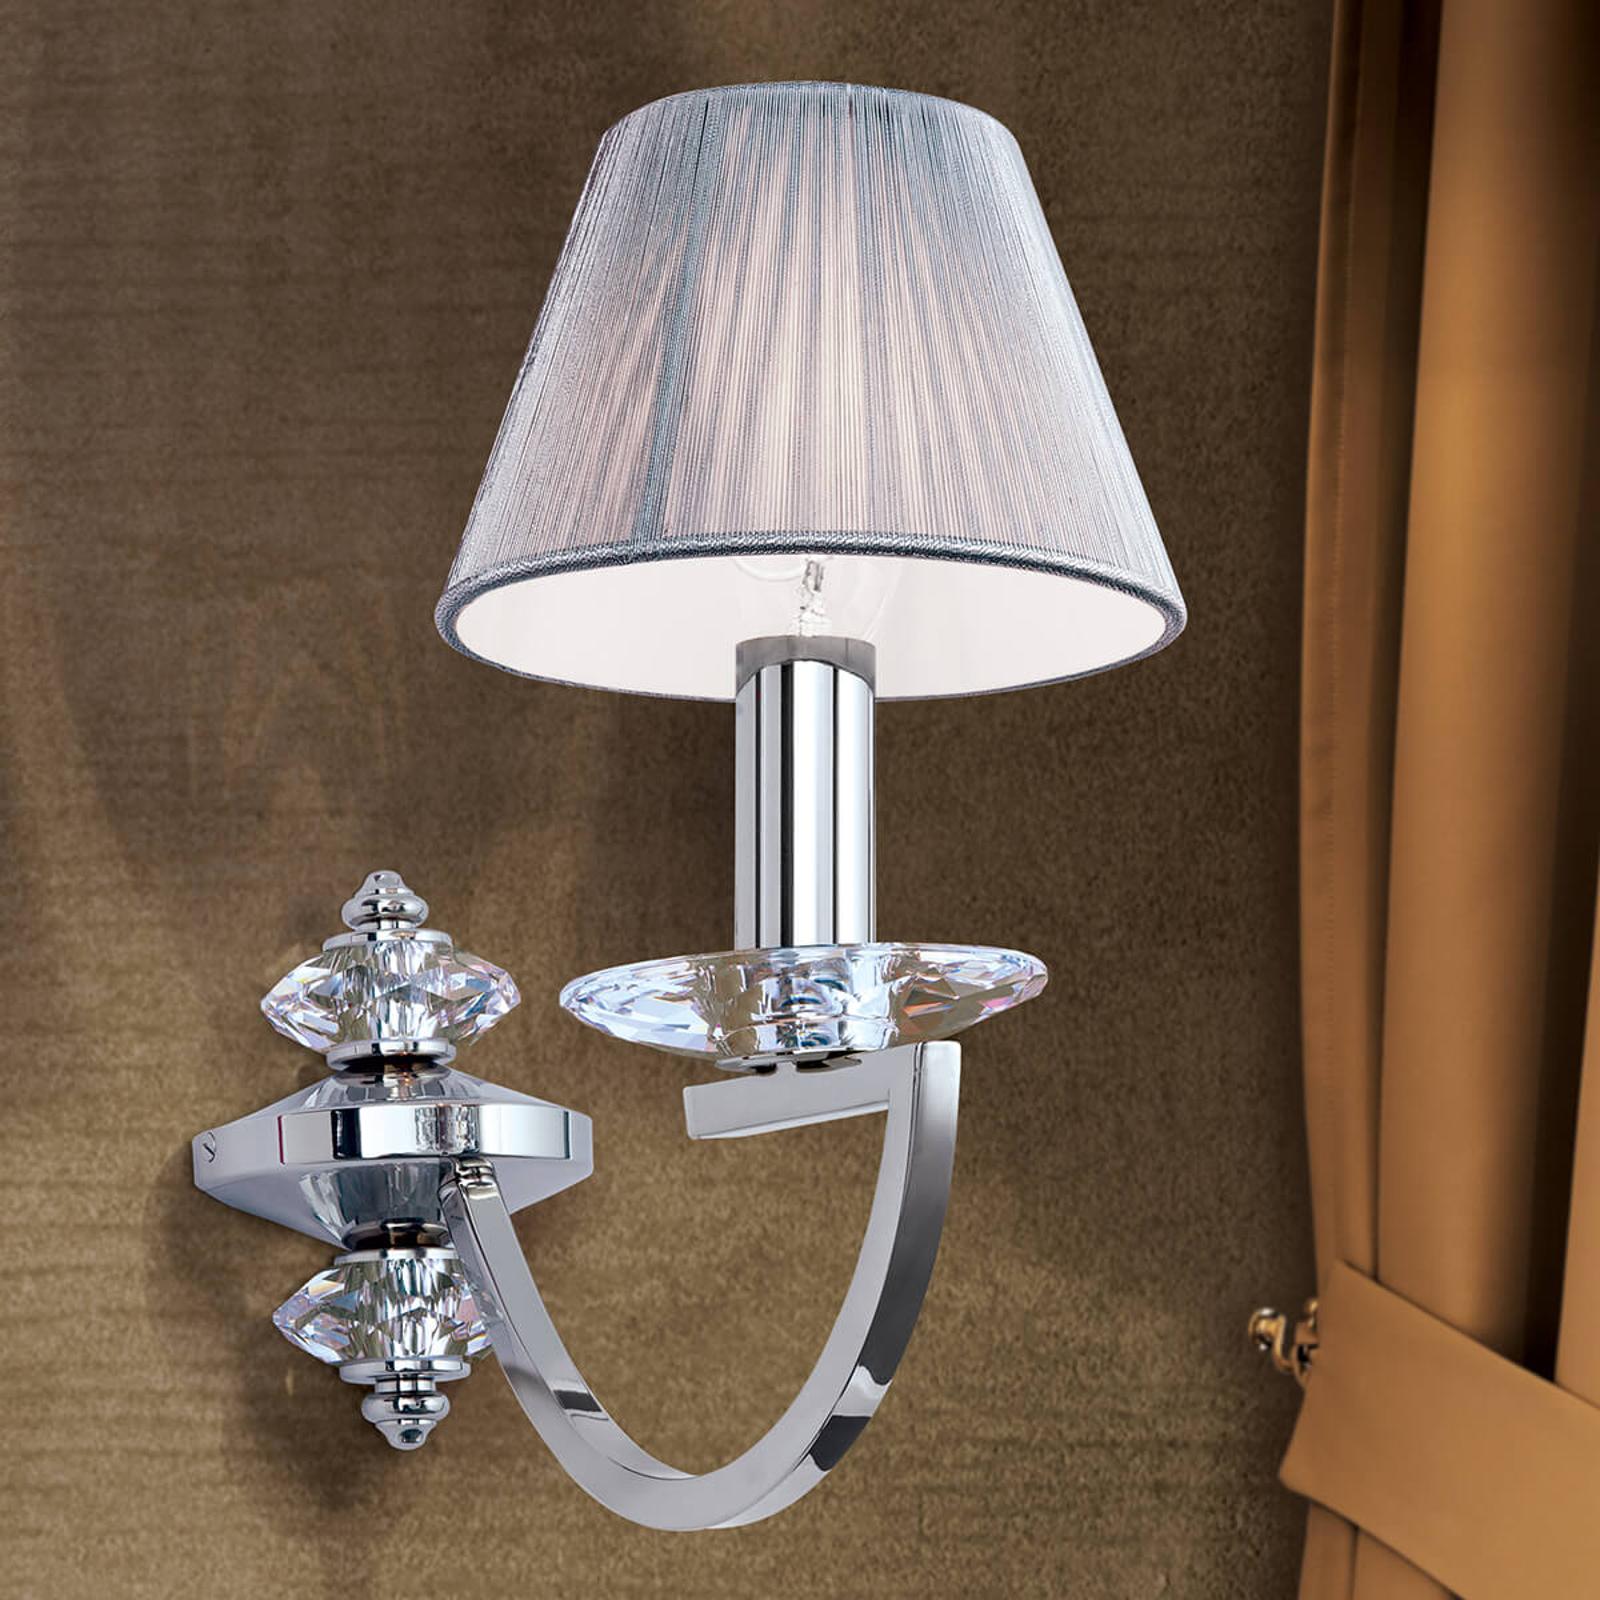 Wandlamp Avala met kristaltoepassingen